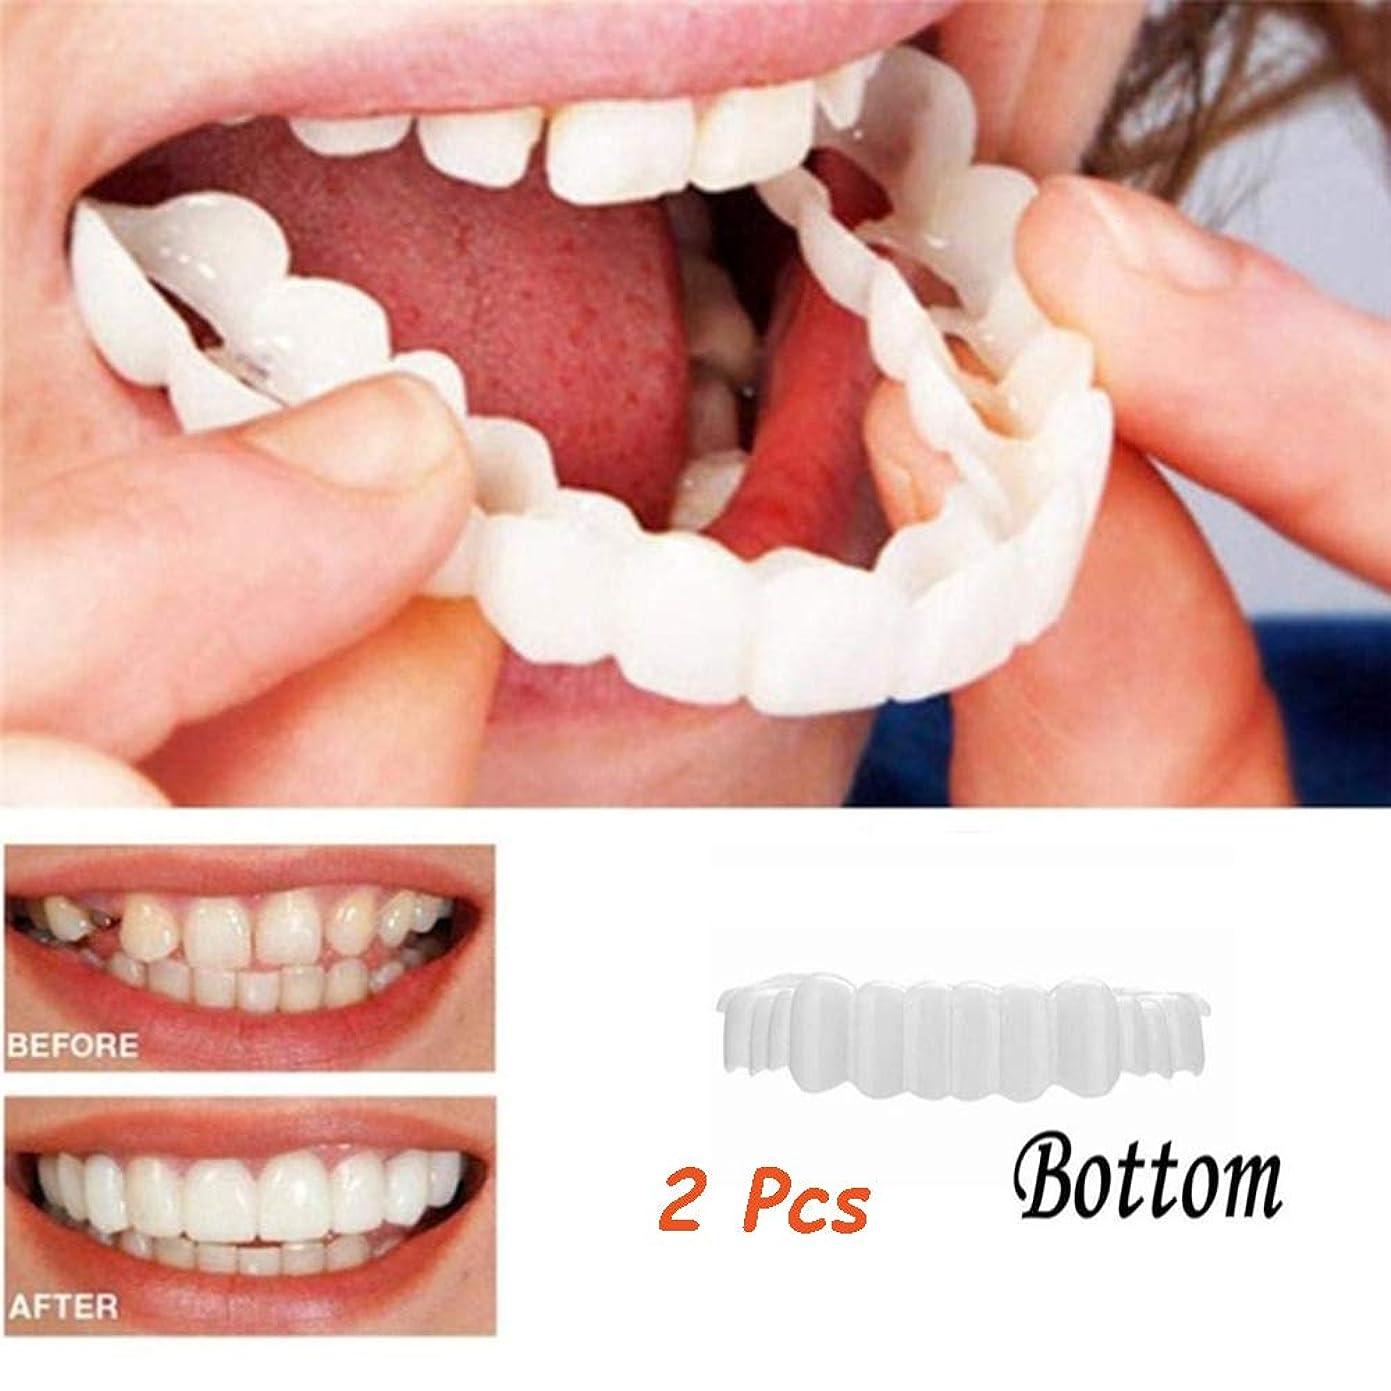 れんが貯水池大気2本パーフェクトスマイル義歯化粧用ボトムティースホワイトニング偽の歯のカバーコンフォートフィットスナップオンシリコンビューティーベニヤティース最も快適な義歯ケア(下)